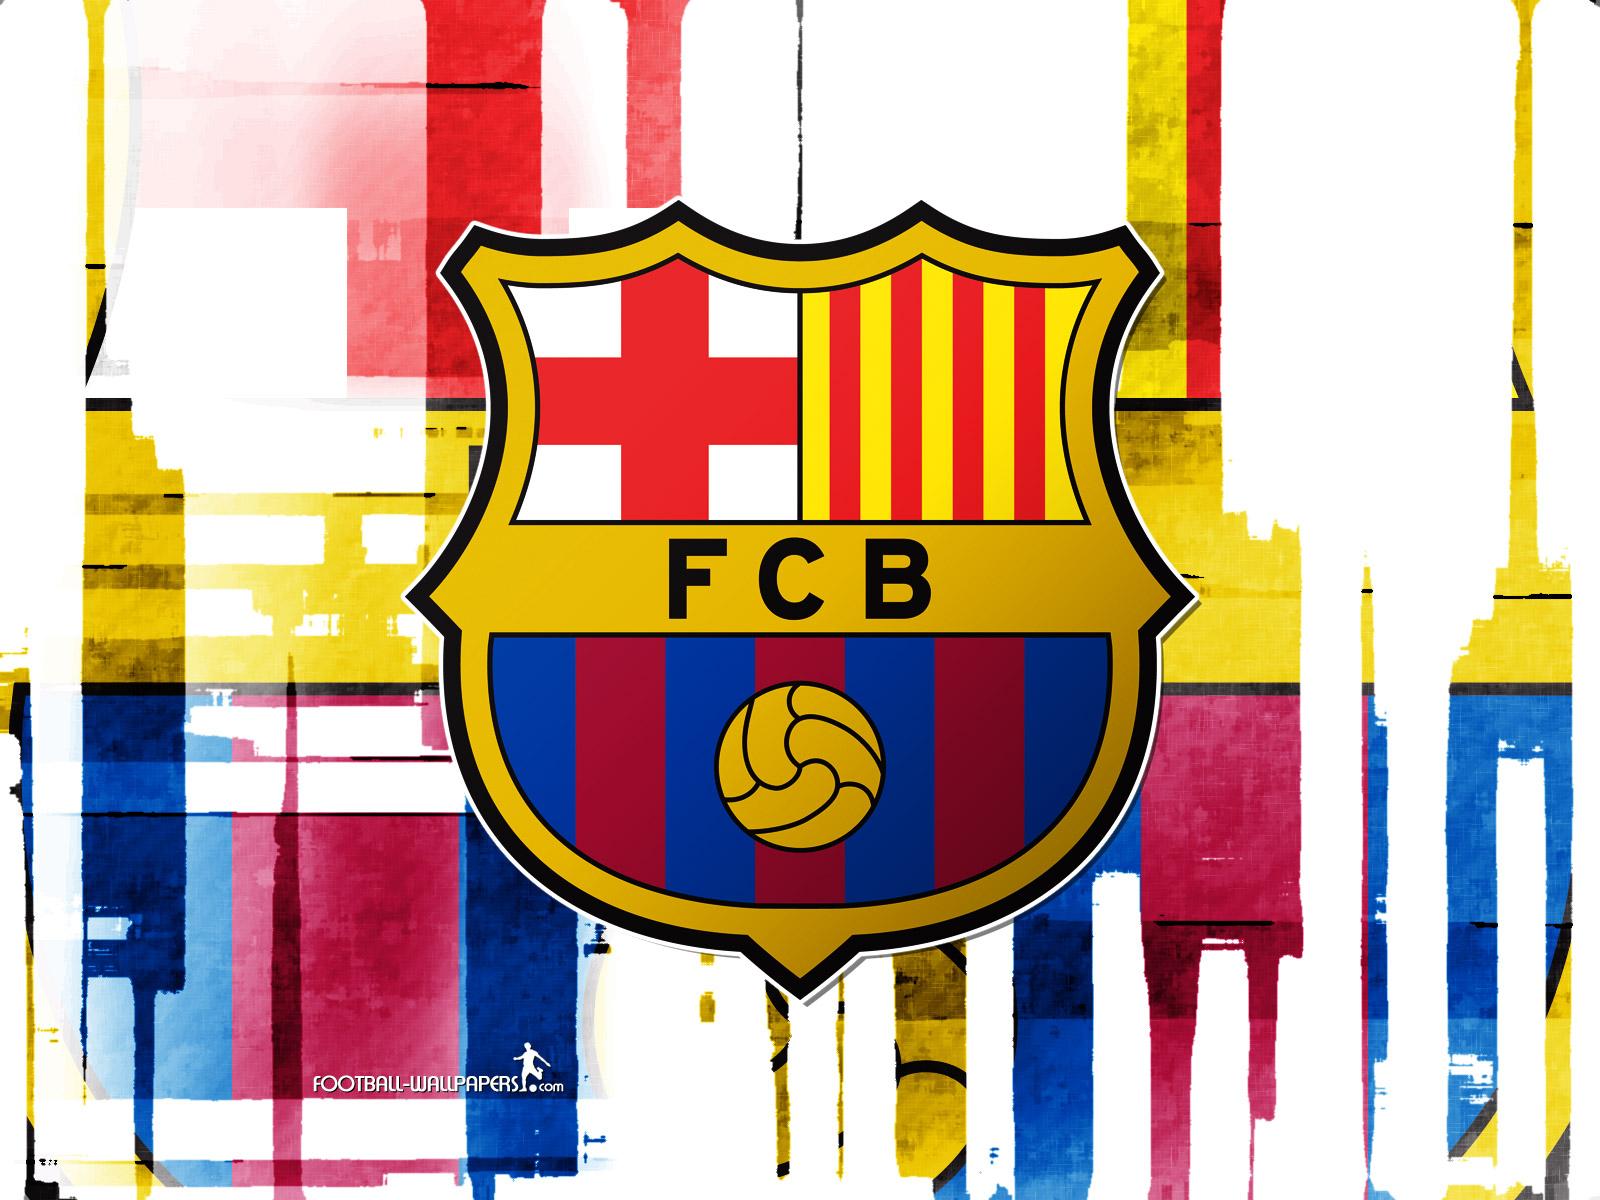 http://1.bp.blogspot.com/-39WmxW16D4Y/TdDks512MUI/AAAAAAAAAC0/IxXybjU8OFU/s1600/fcb-barcelona-wallpaper-3.jpg